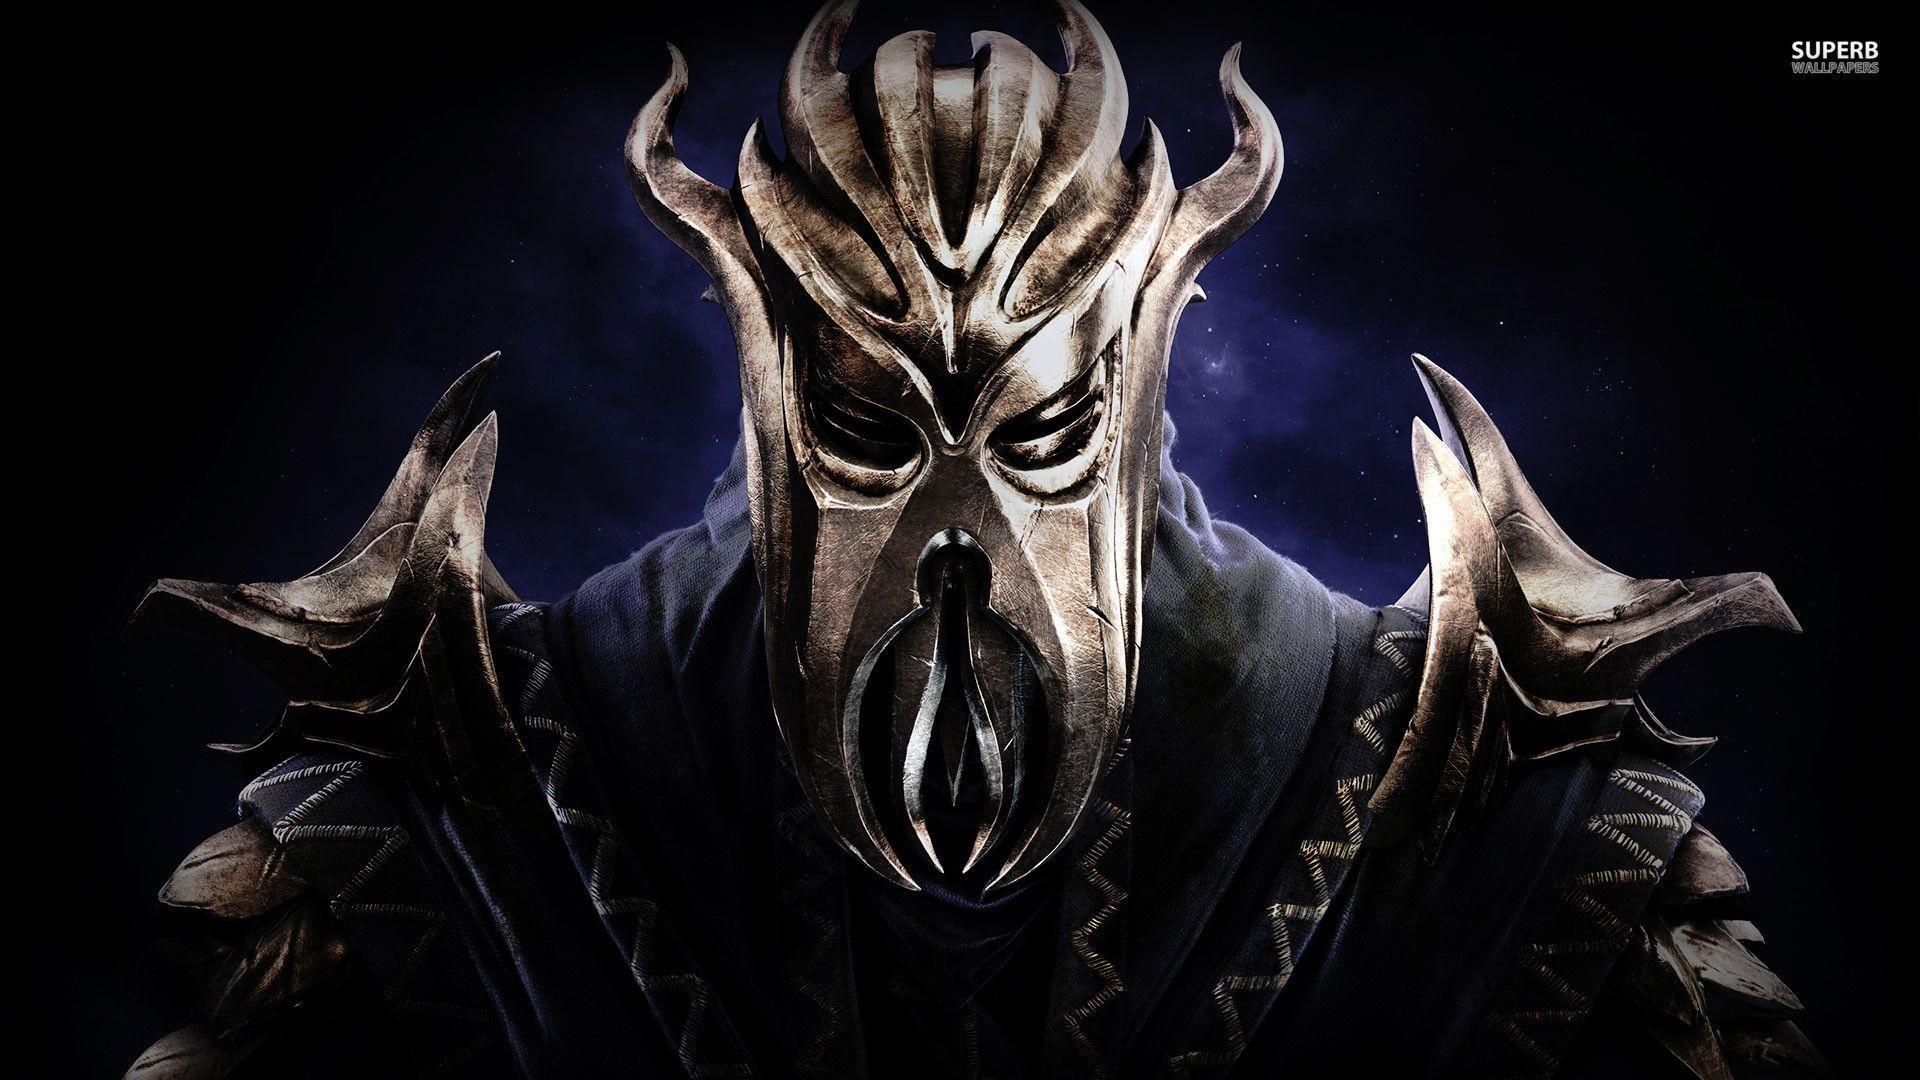 The Elder Scrolls V: Skyrim – Dragonborn wallpaper – Game .